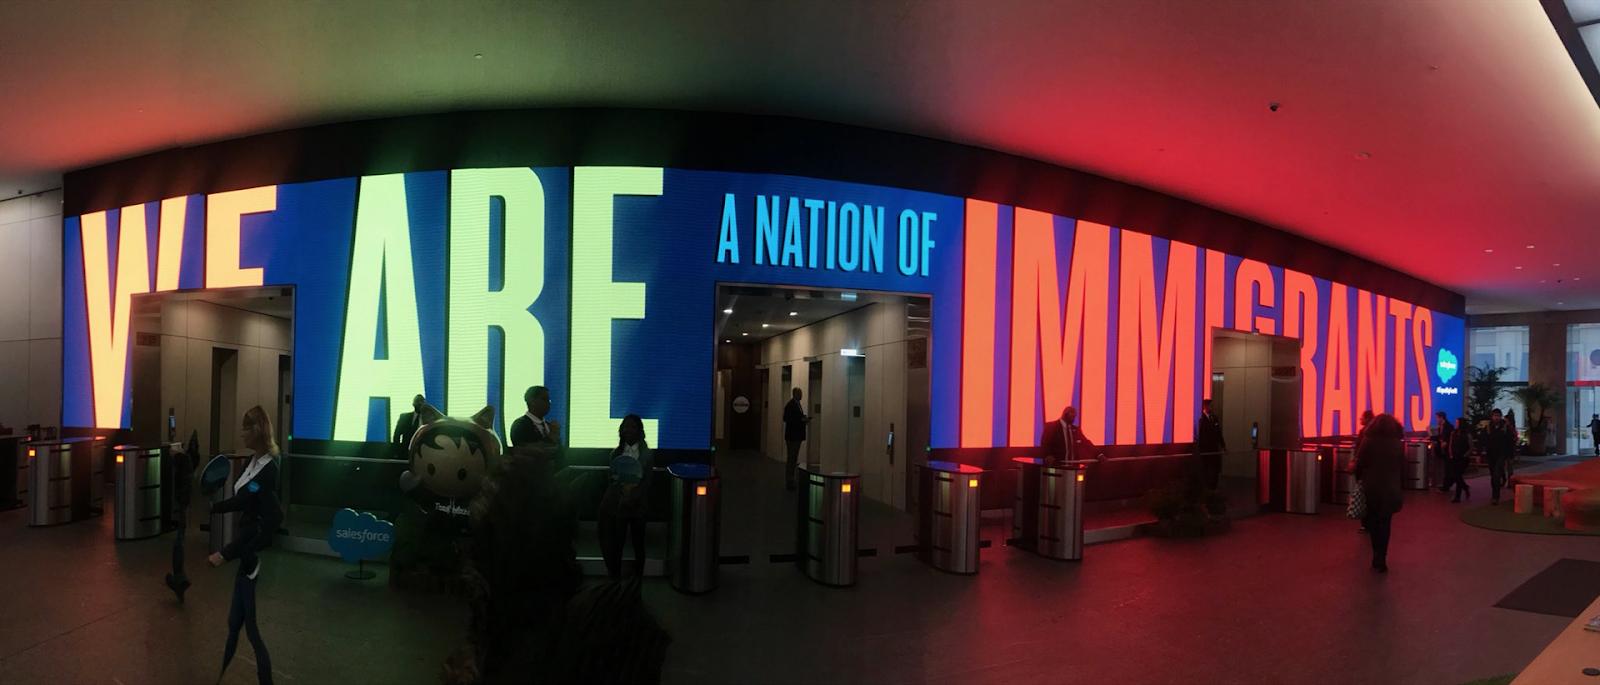 """Recepción de un edificio de Salesforce con la cita """"Somos una nación de inmigrantes"""" como pancarta encendida en reacción a las políticas sobre DACA y los visados H1B."""